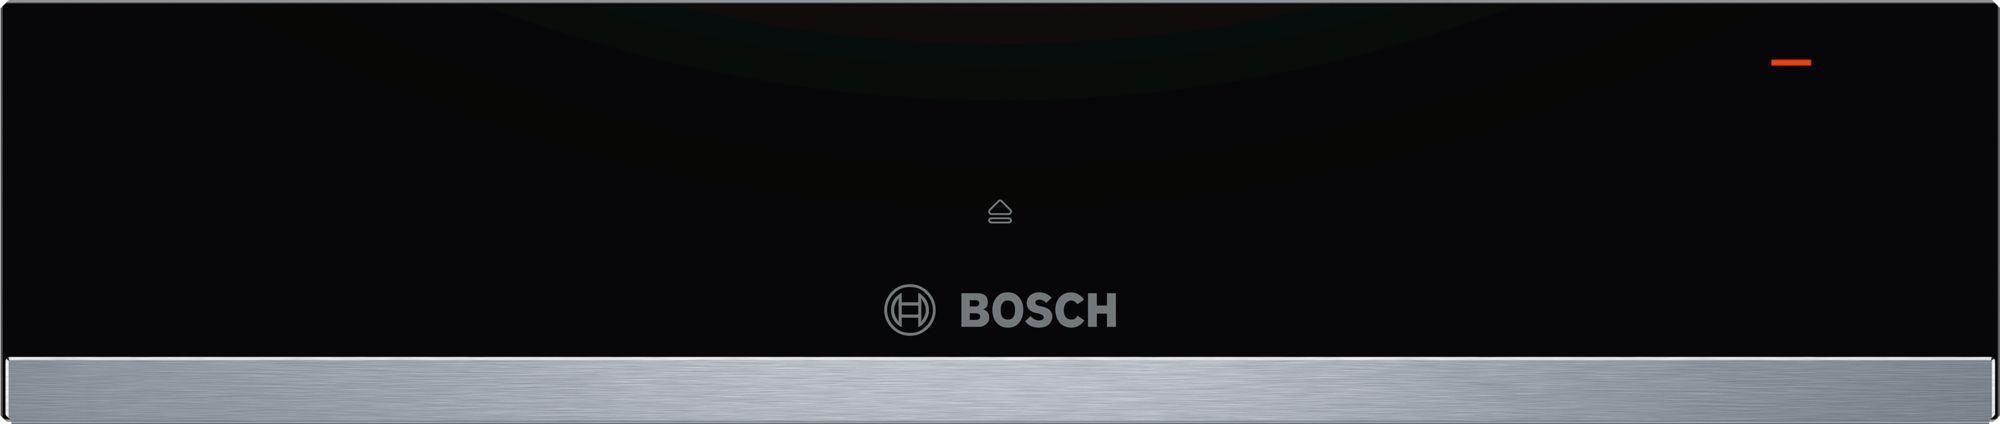 Photo Tiroir Chauffe-Plats Bosch BIC510NS0